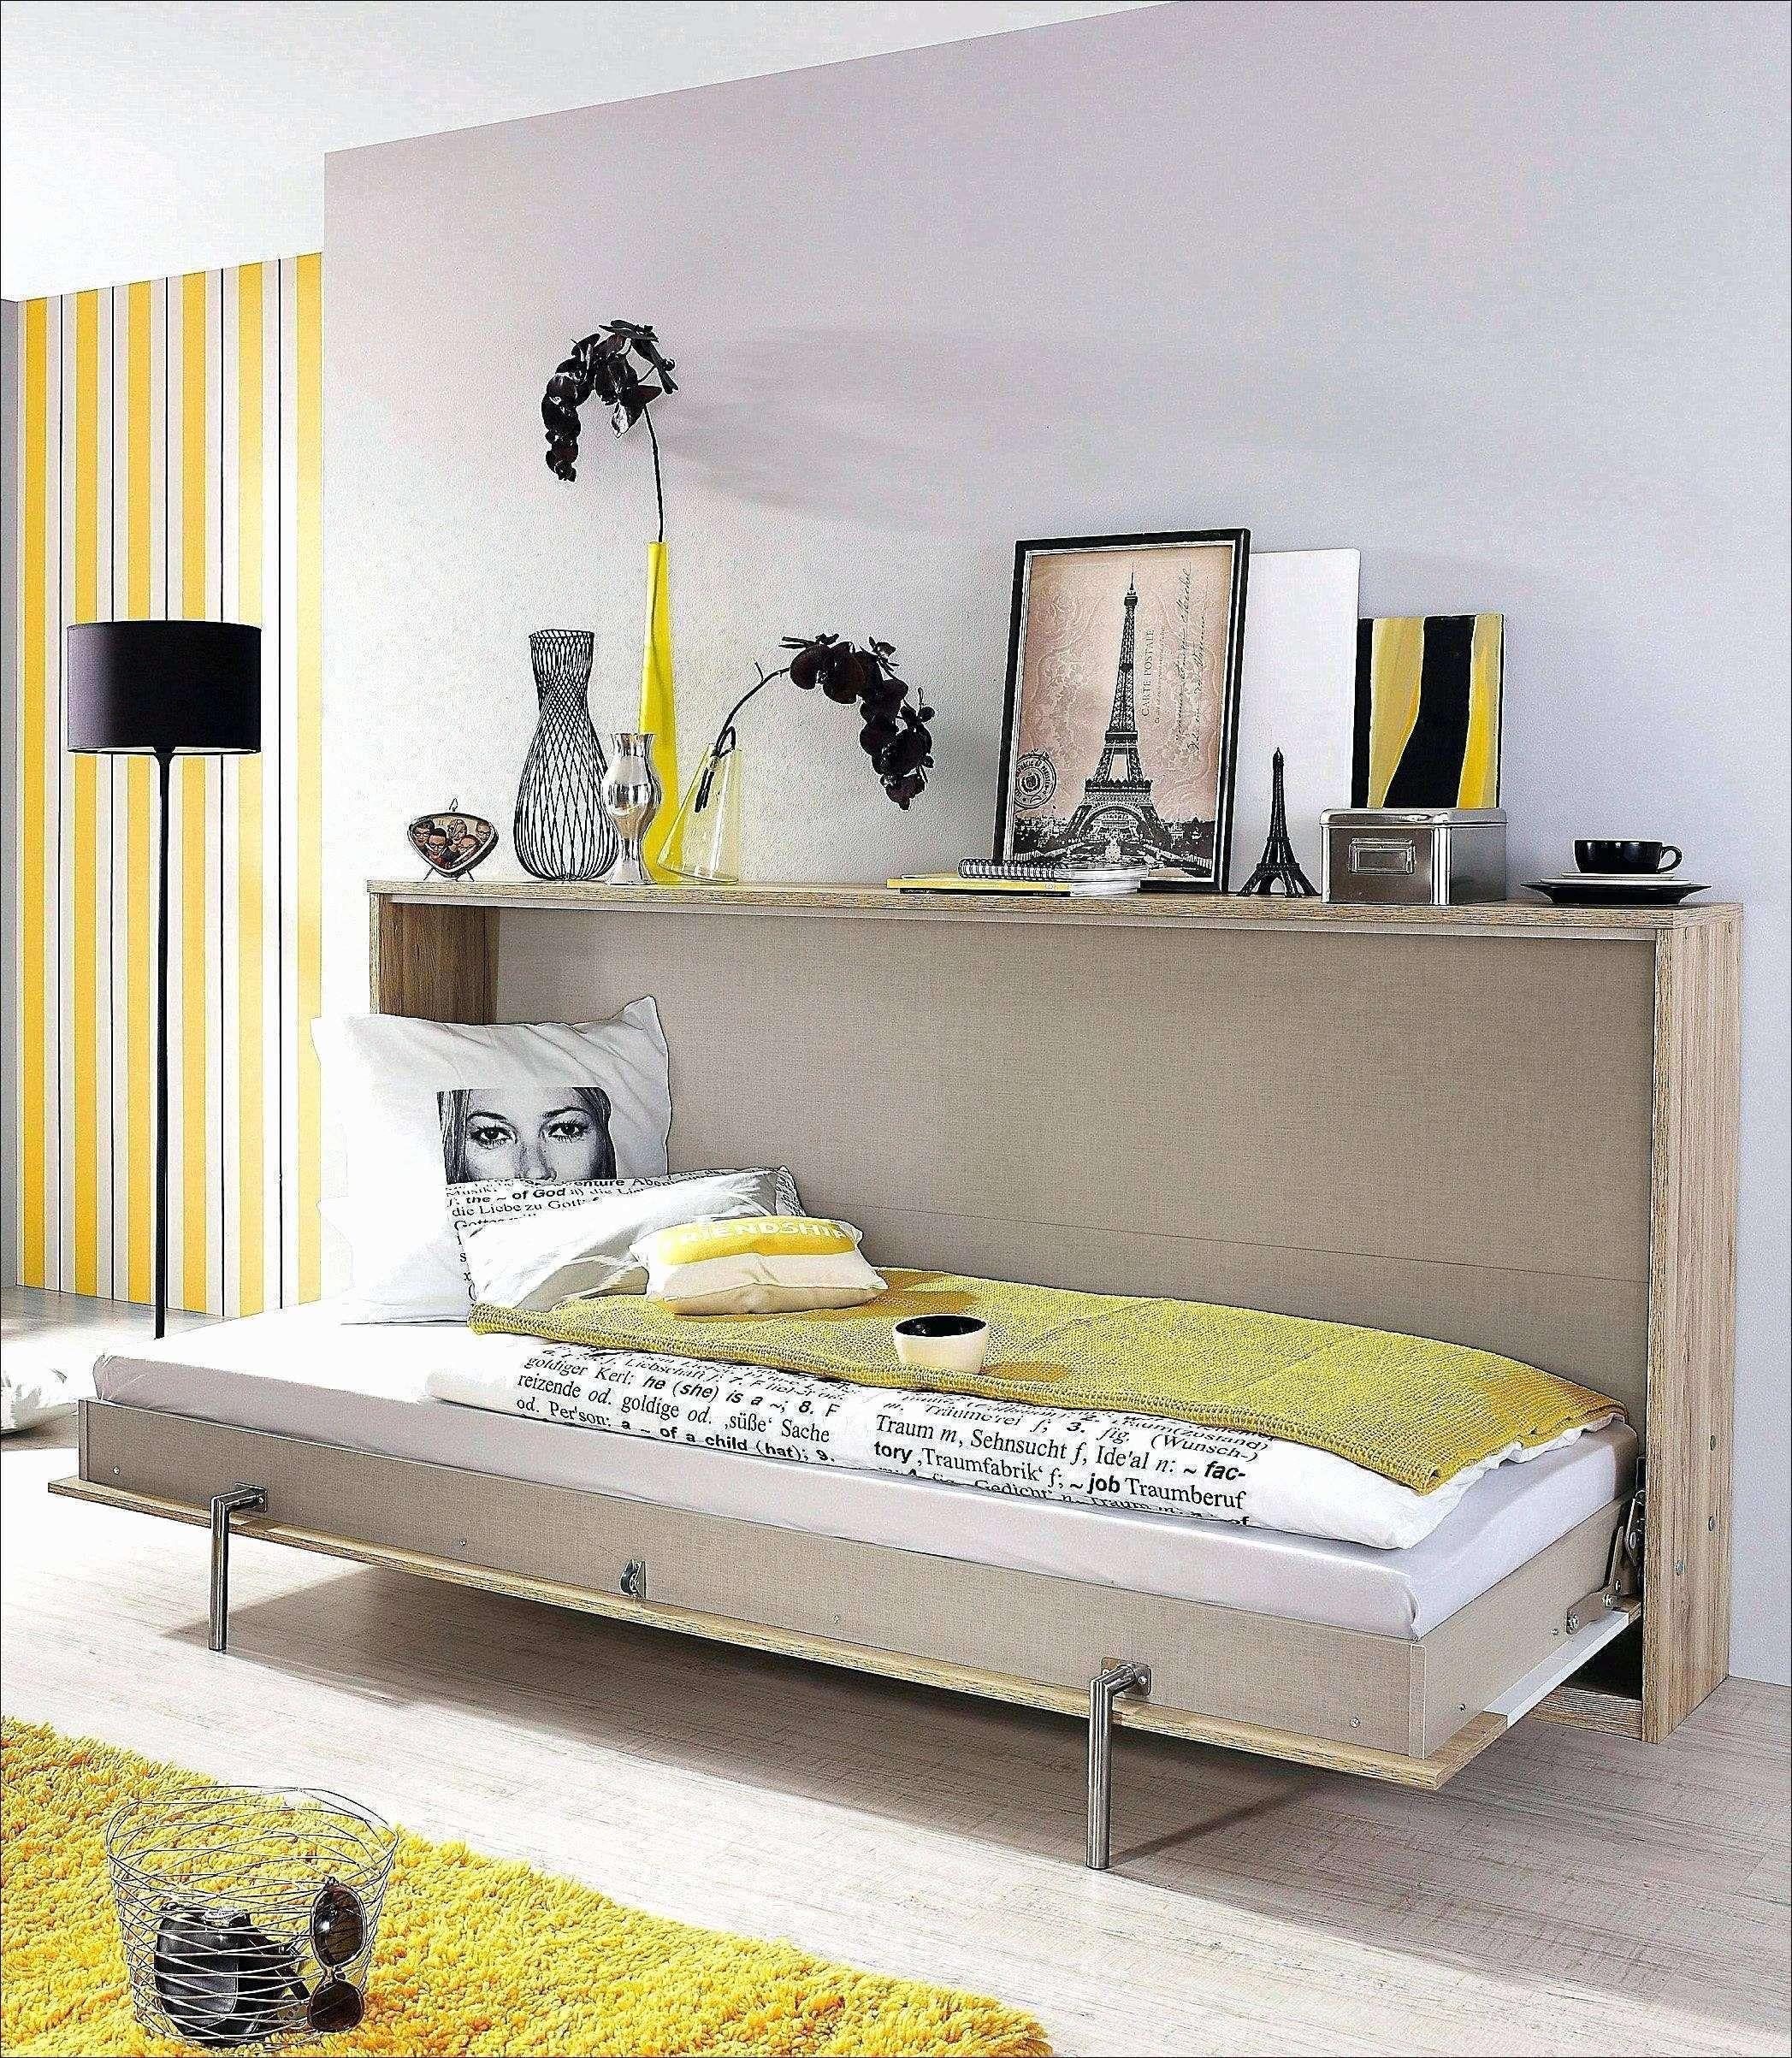 Kopfteil Bett 180 Cm Bett Kopfteil Gepolstert Selber Machen Zimmer Kinder Zimmer Wohnzimmer Streichen